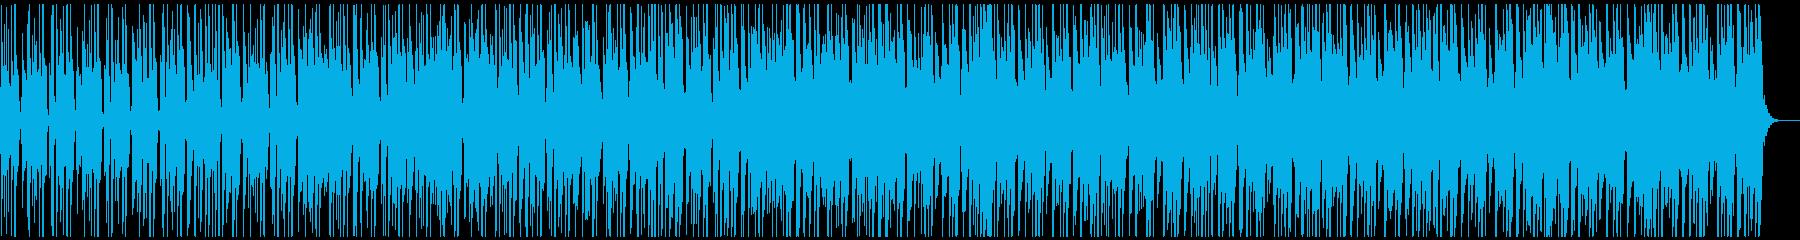 ミステリー・推理向けBGMの再生済みの波形